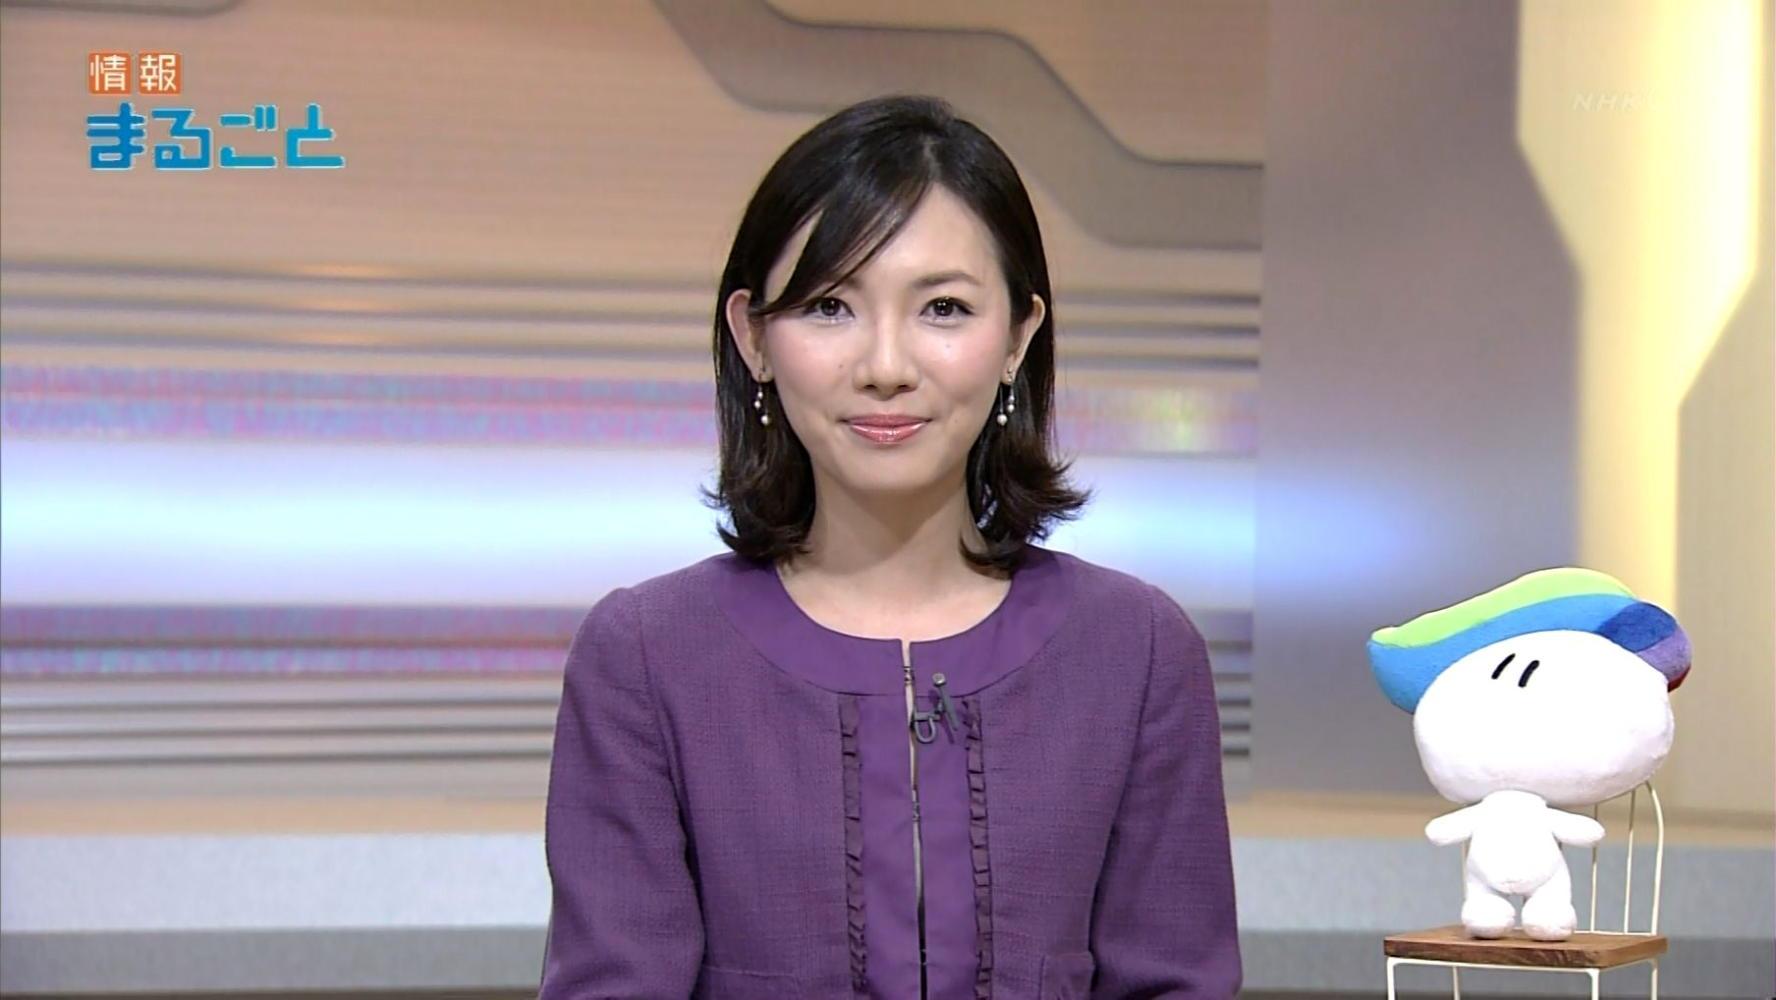 佐々木理恵imouto.tv佐々木桃華投稿画像